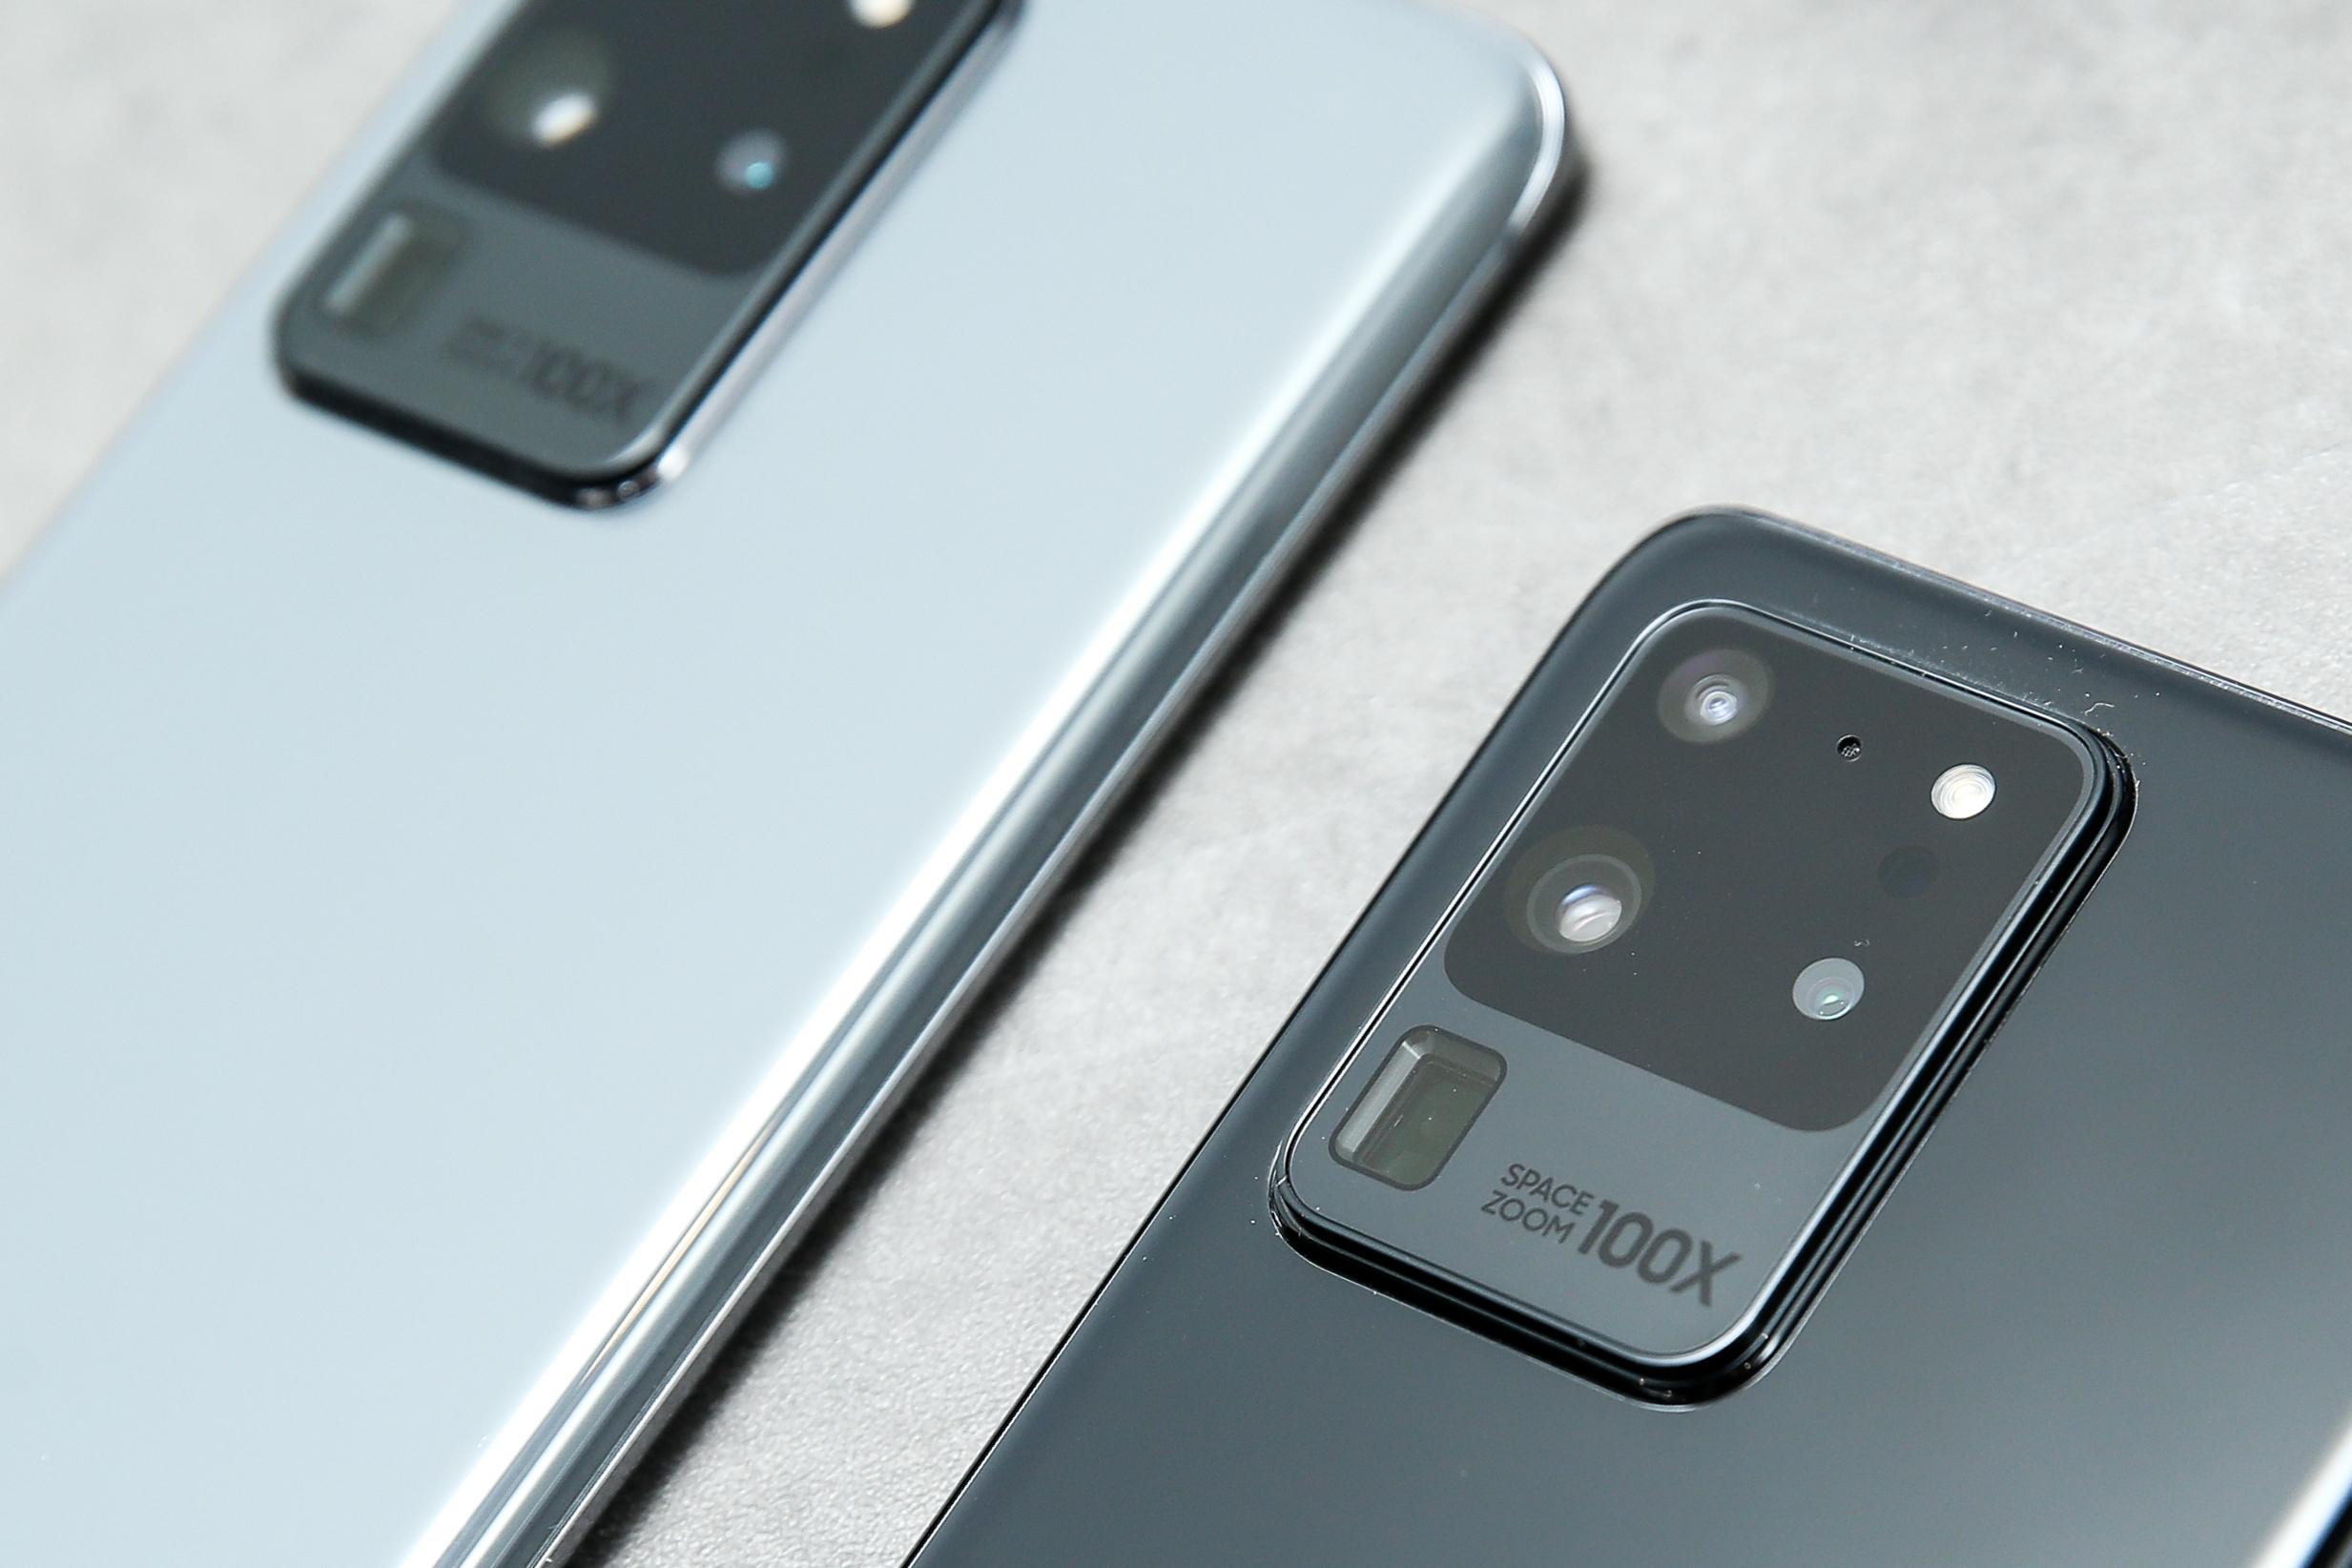 Серия Samsung Galaxy S20 - это все на практике, эта цветовая палитра действительно потрясающая